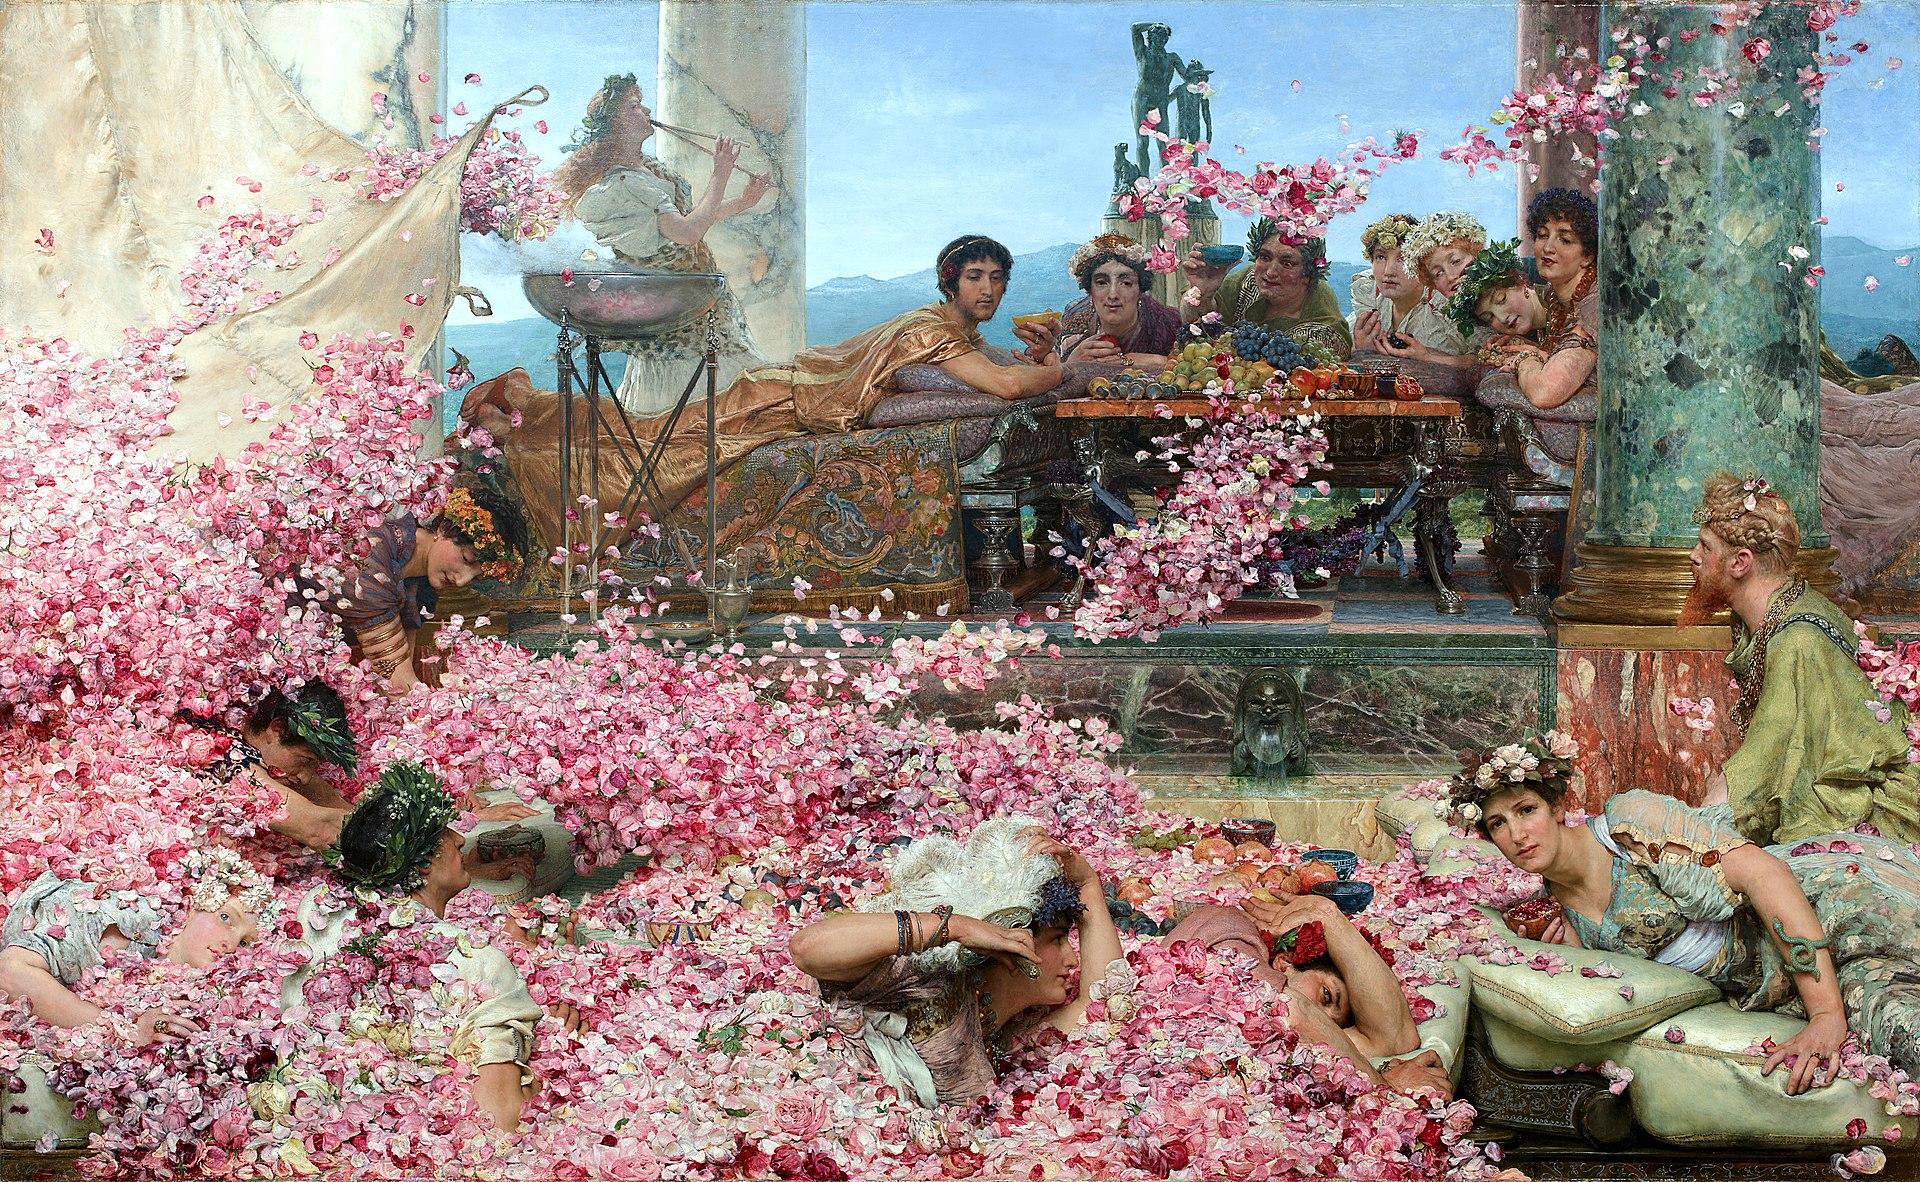 https://upload.wikimedia.org/wikipedia/commons/thumb/3/33/The_Roses_of_Heliogabalus.jpg/1920px-The_Roses_of_Heliogabalus.jpg